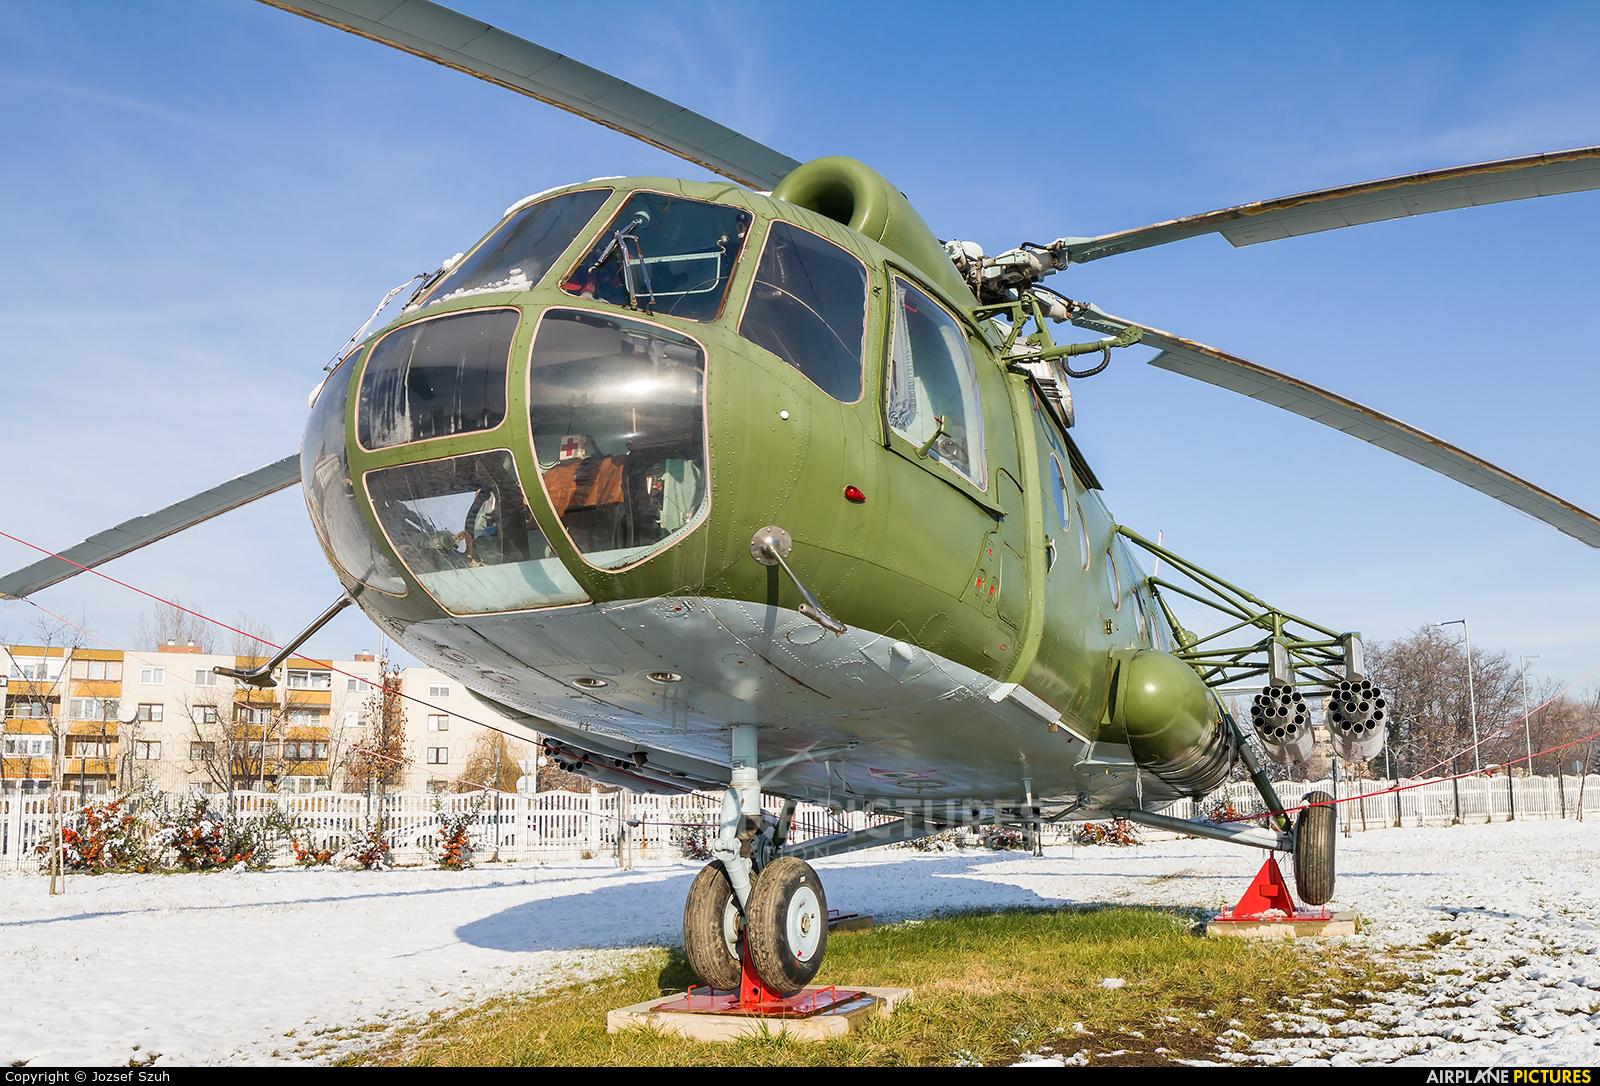 Hungary - Air Force 10439 aircraft at Off Airport - Hungary